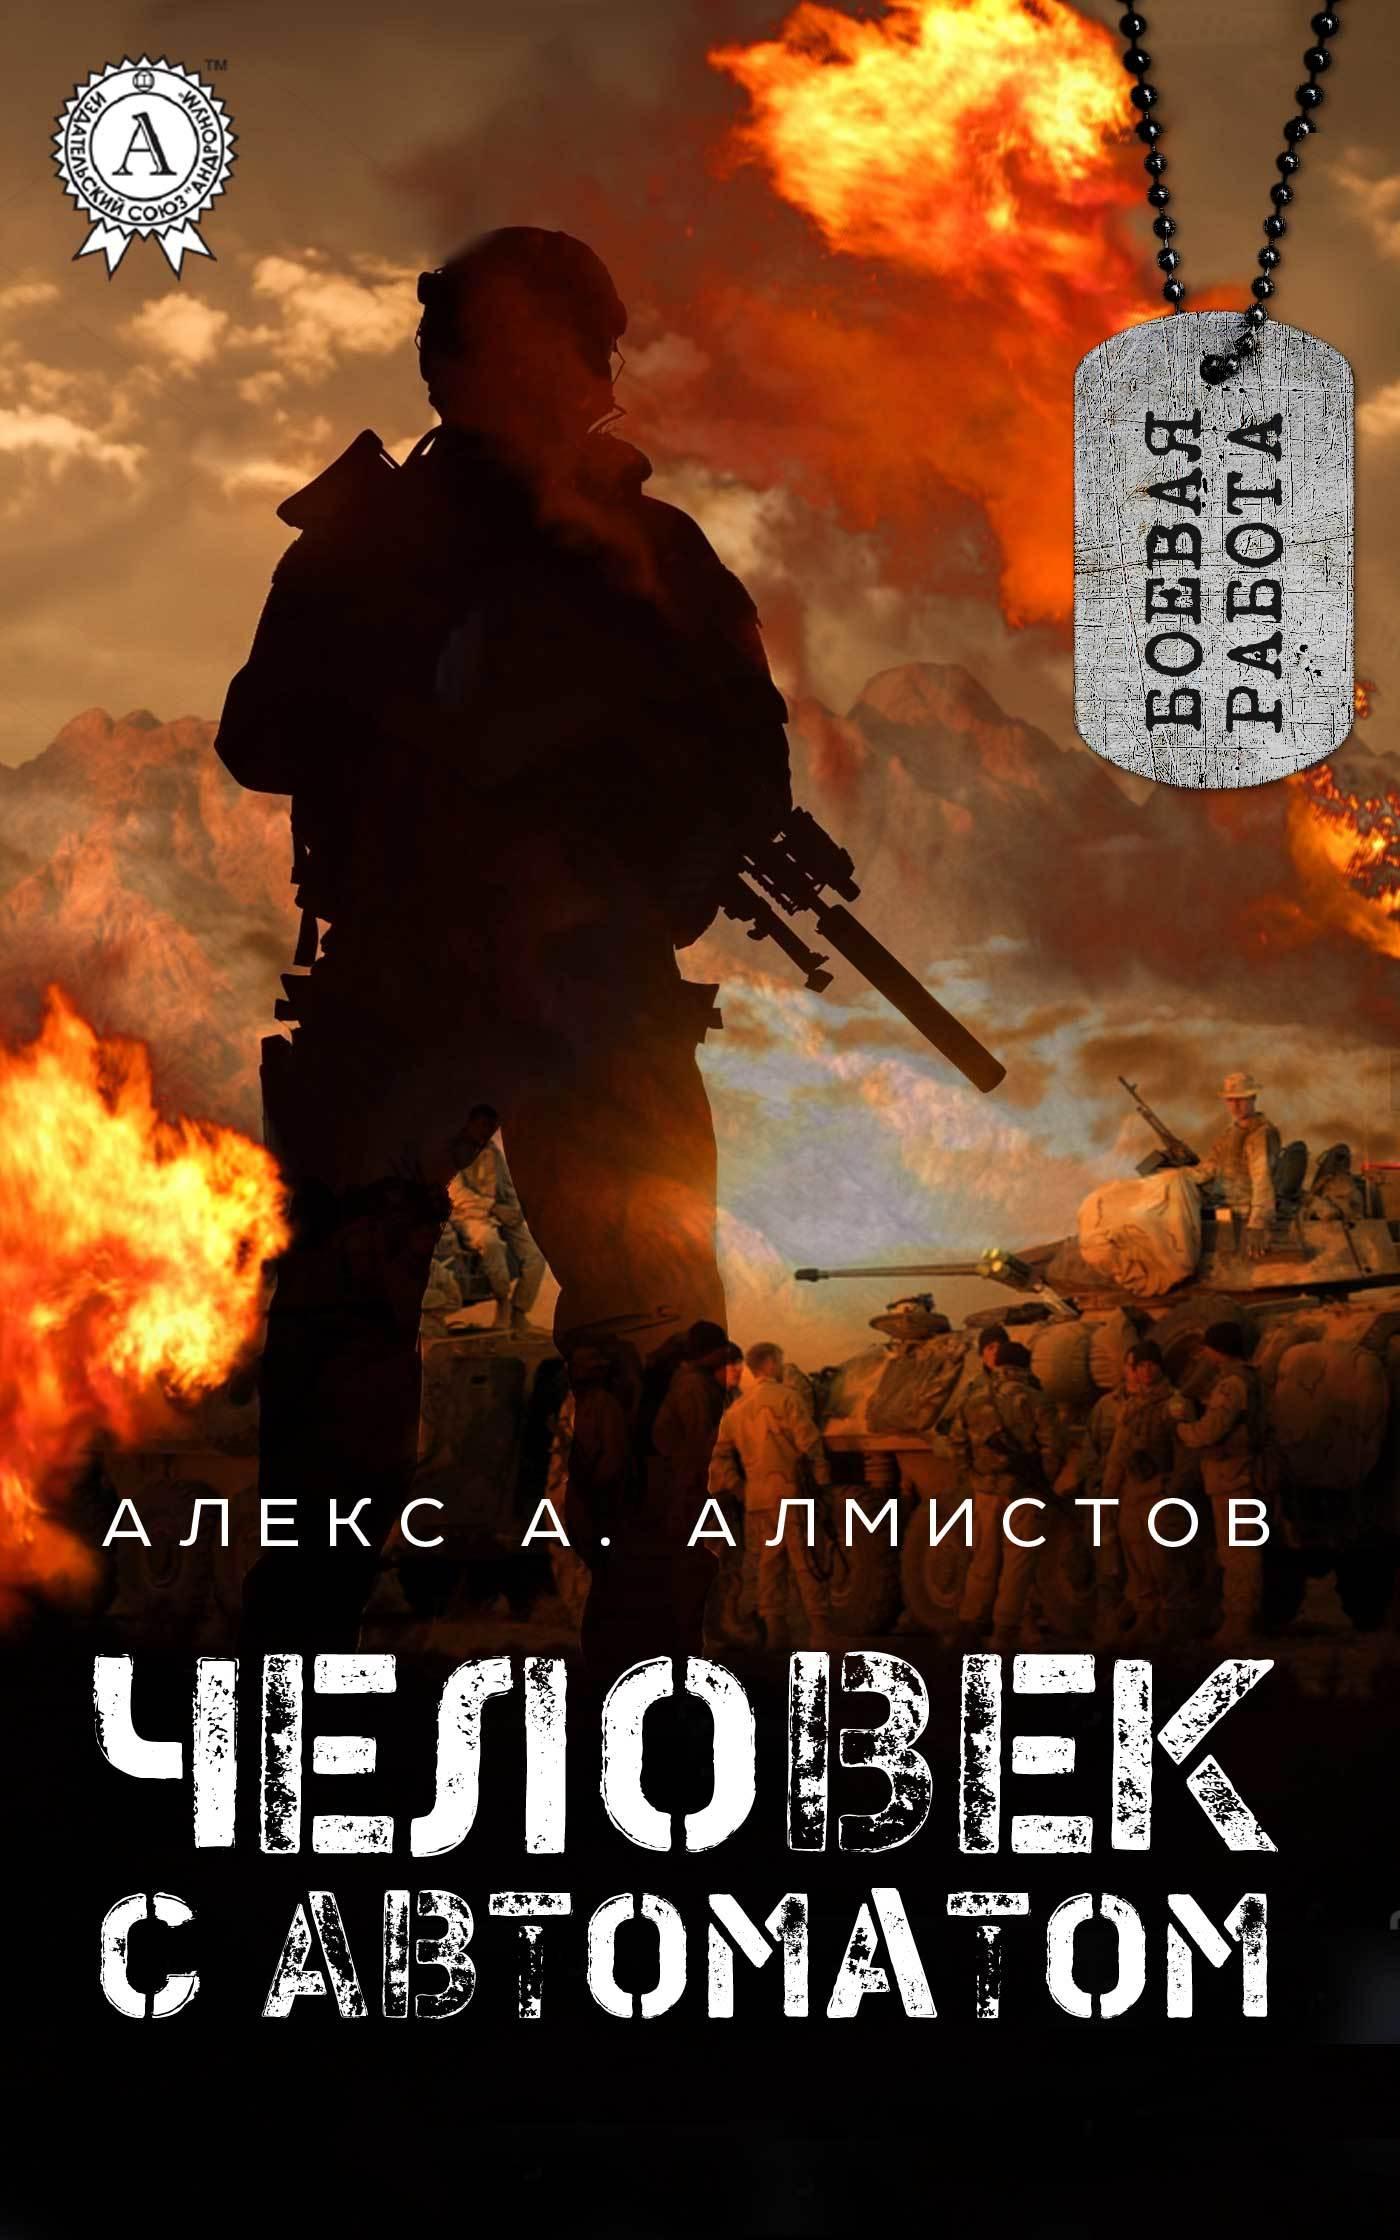 Алекс А. Алмистов